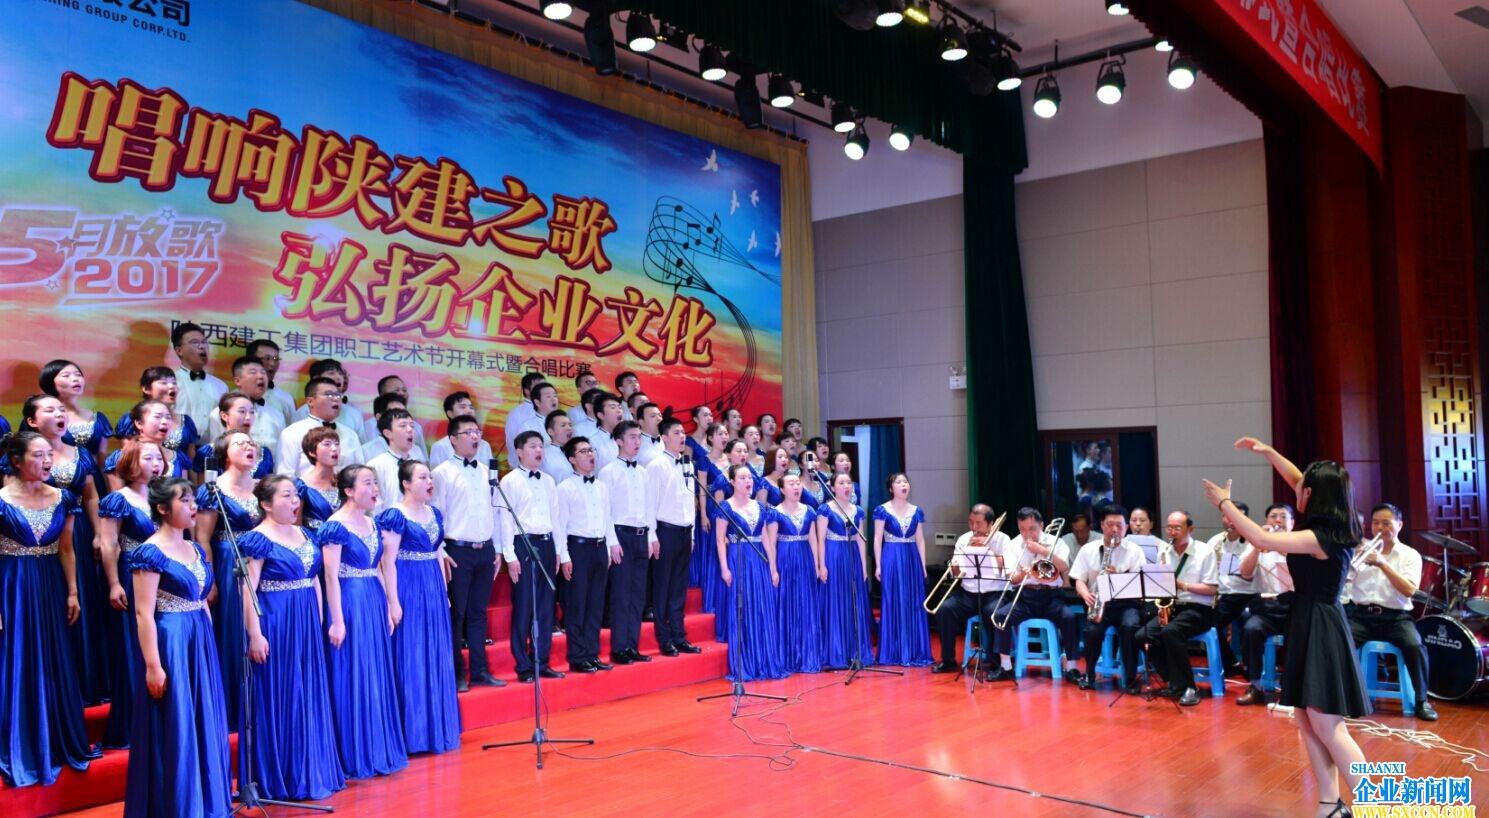 陕建八建集团:用嘹亮的歌声唱响陕建之歌